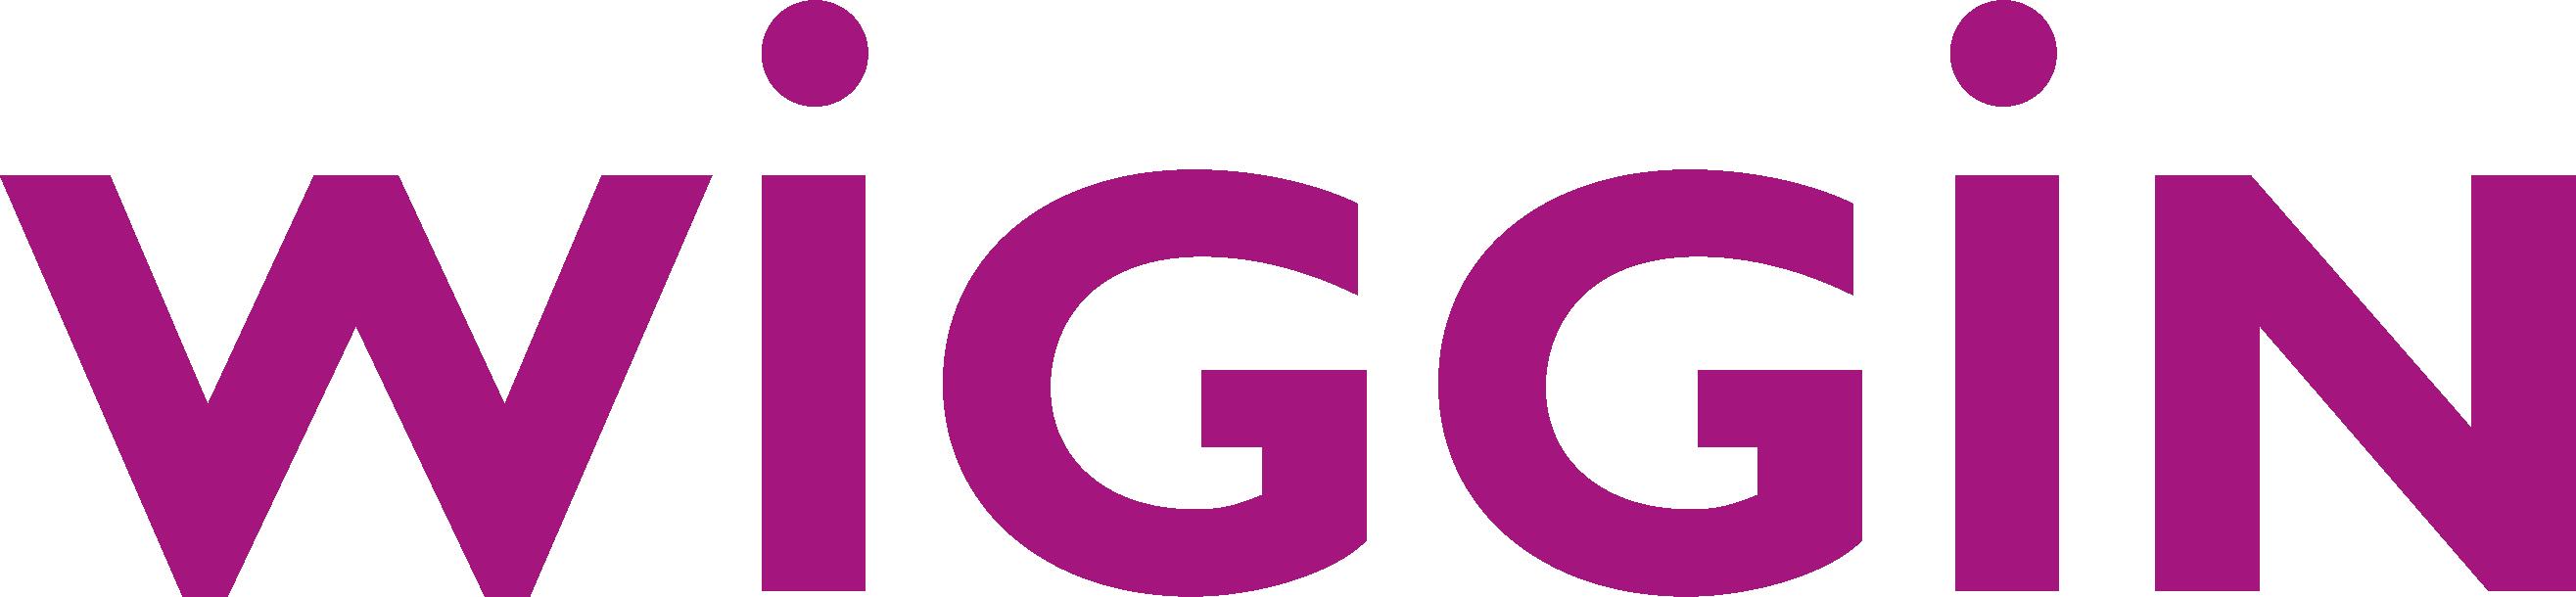 Wiggin purple logo